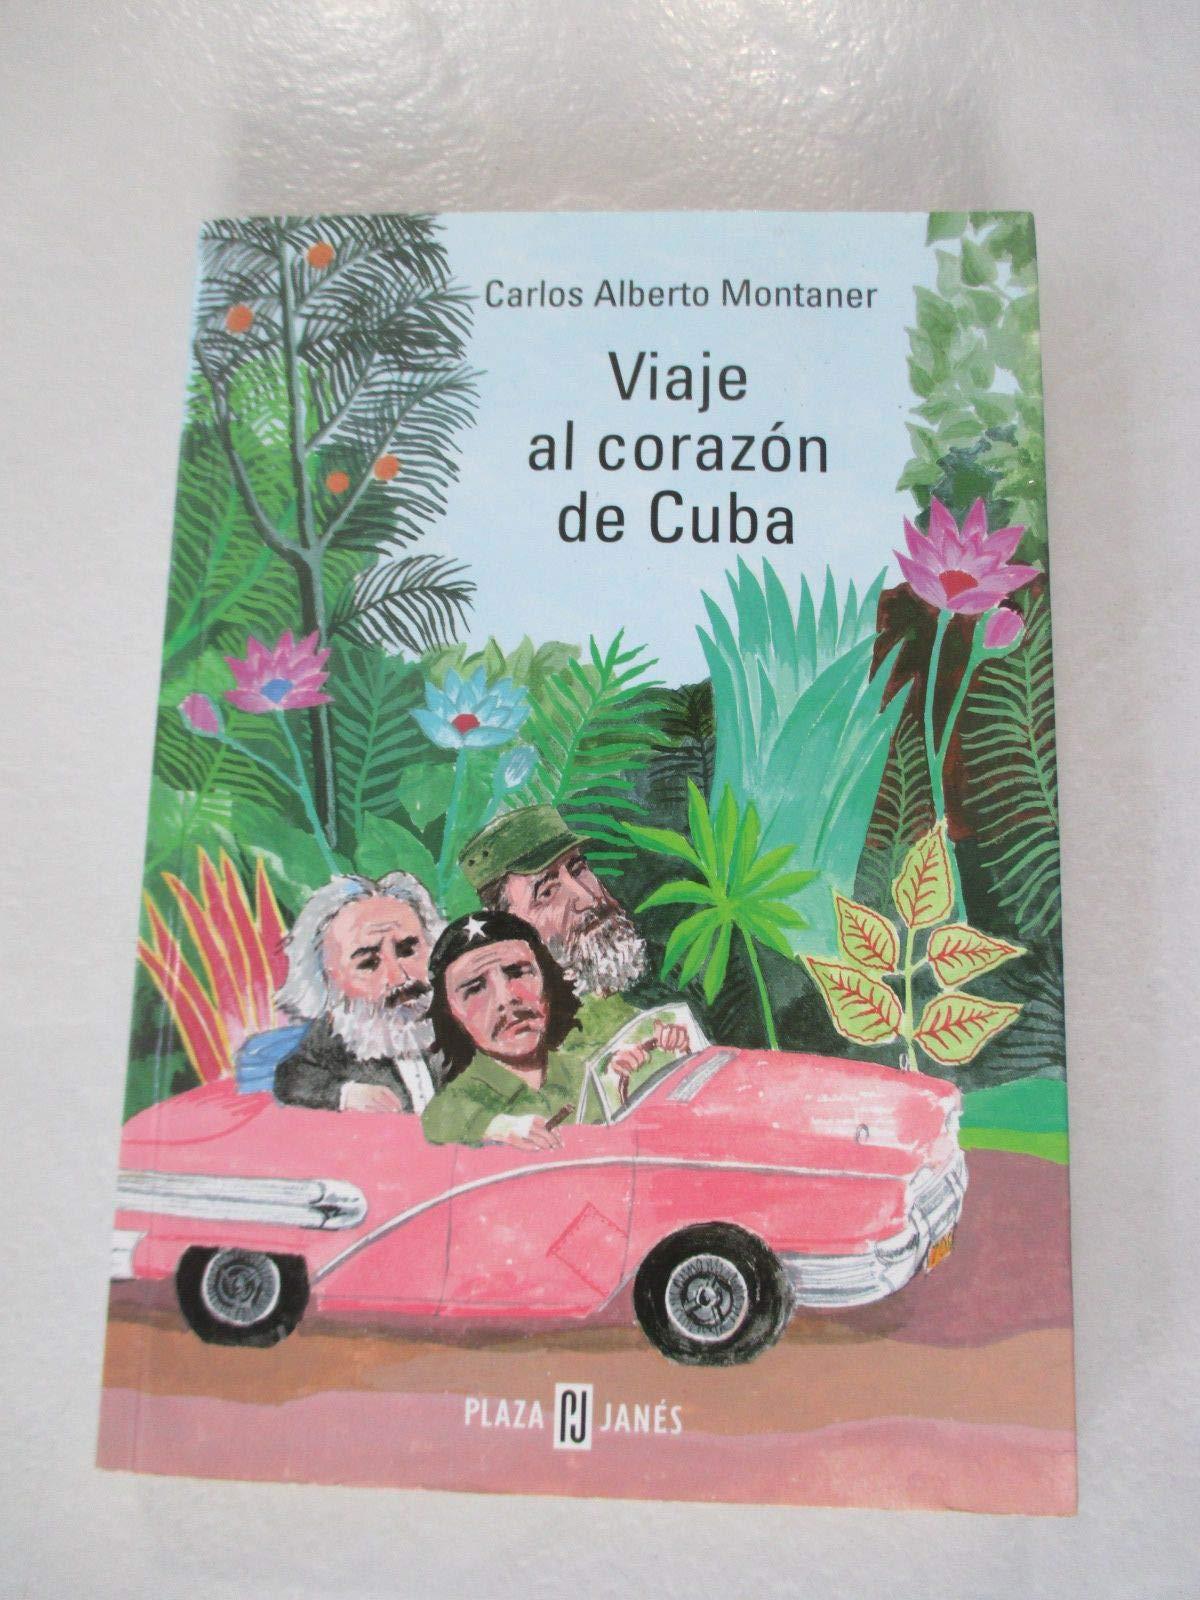 Viaje al corazon de Cuba: Amazon.es: Carlos Alberto Montaner: Libros